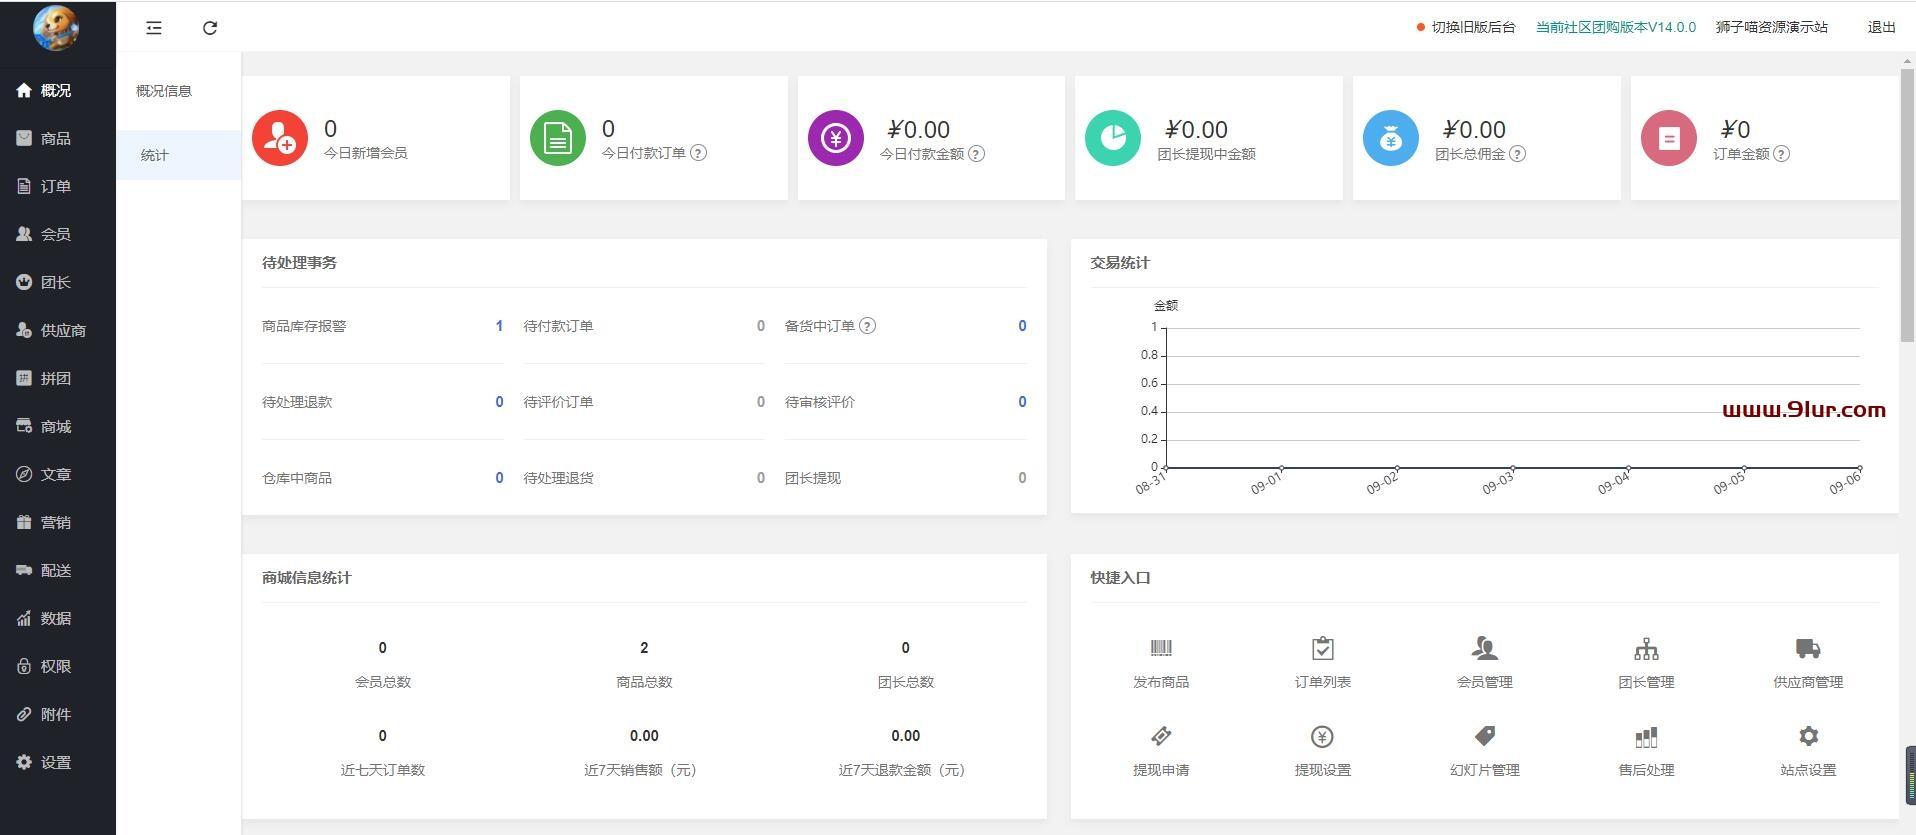 立版狮子鱼15.3.0社区团购直播小程序商城+团长功能+接龙分销+拼团秒杀